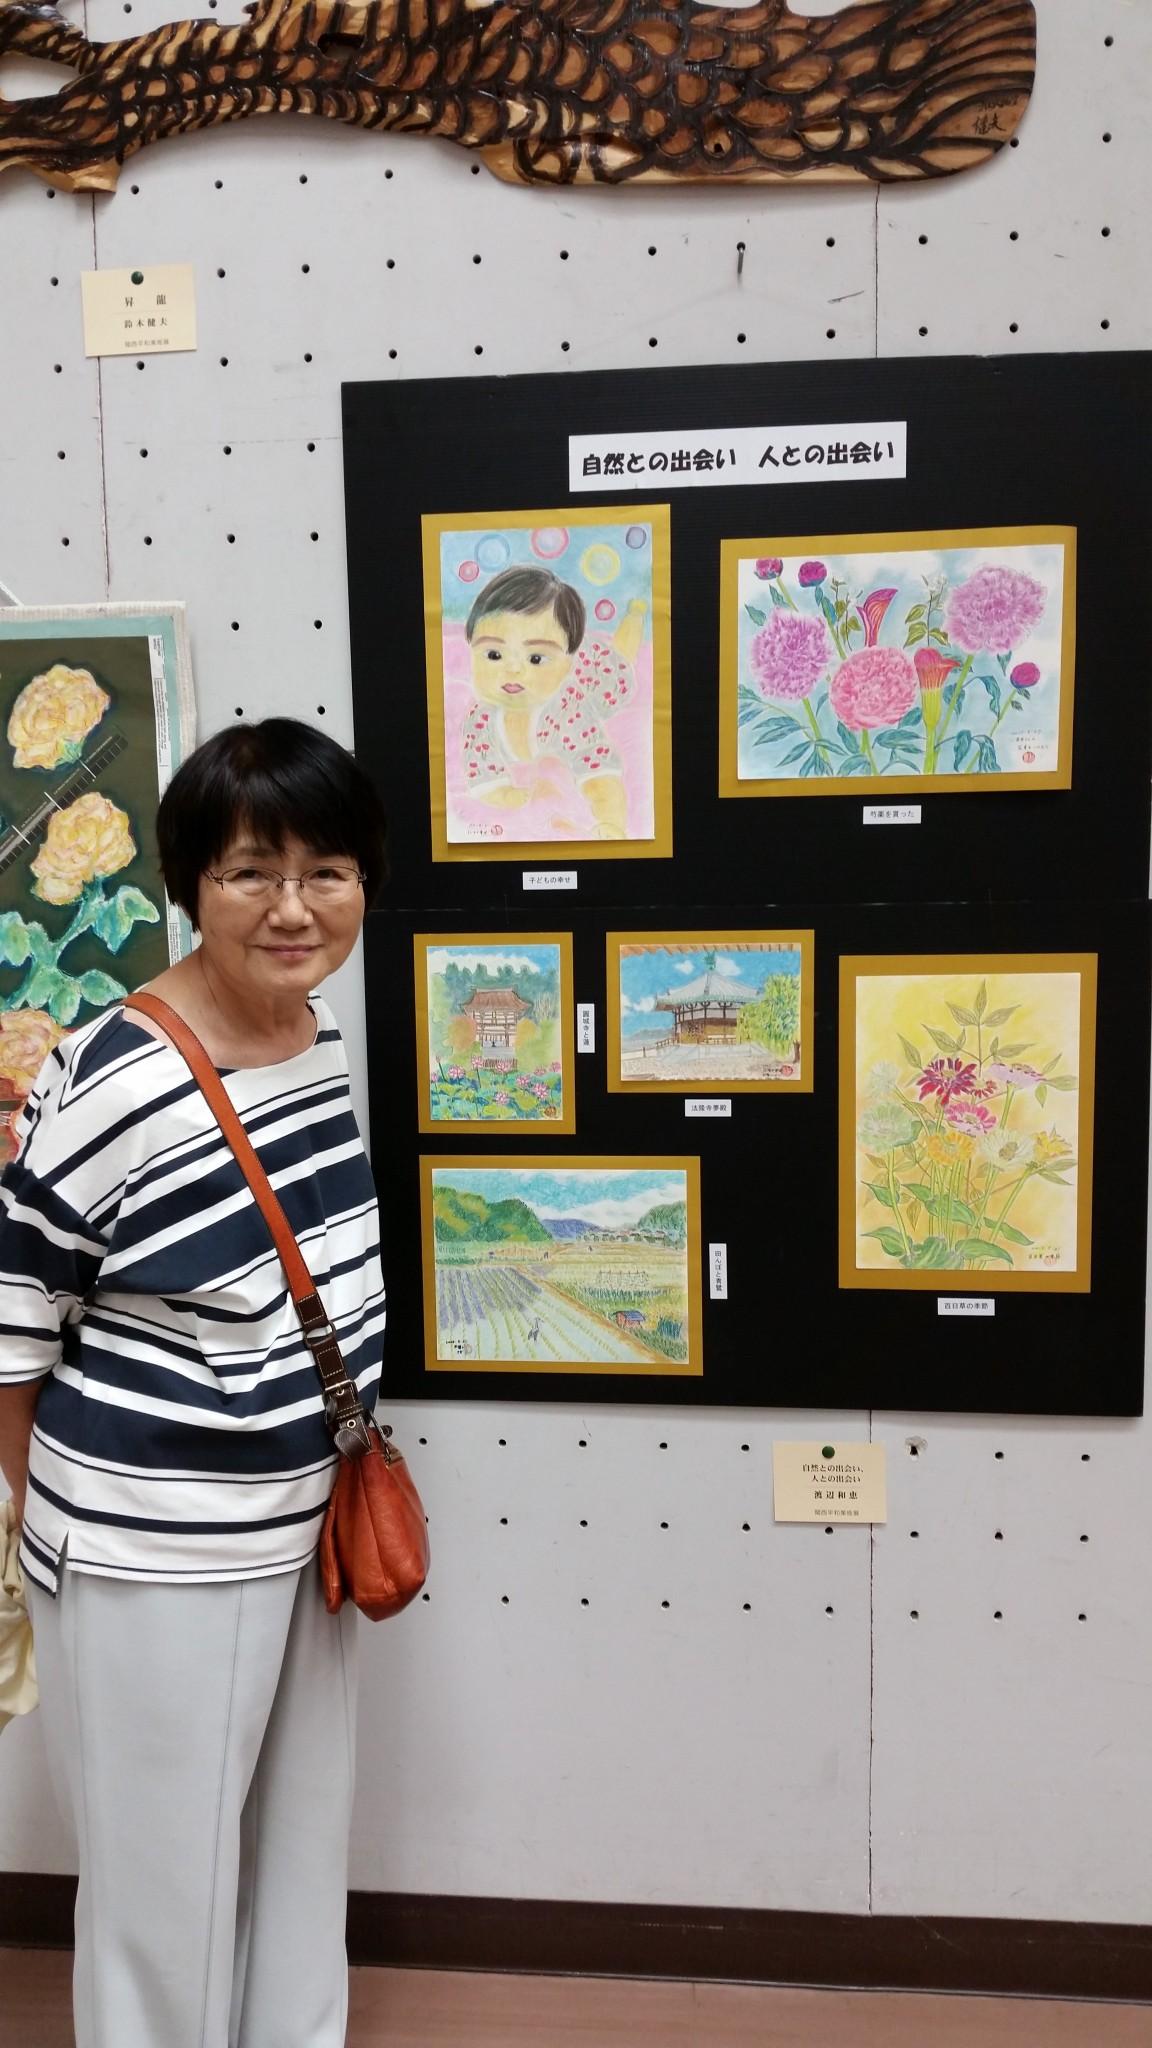 <番外編>大阪市立美術館での第66回関西平和美術展に出展して